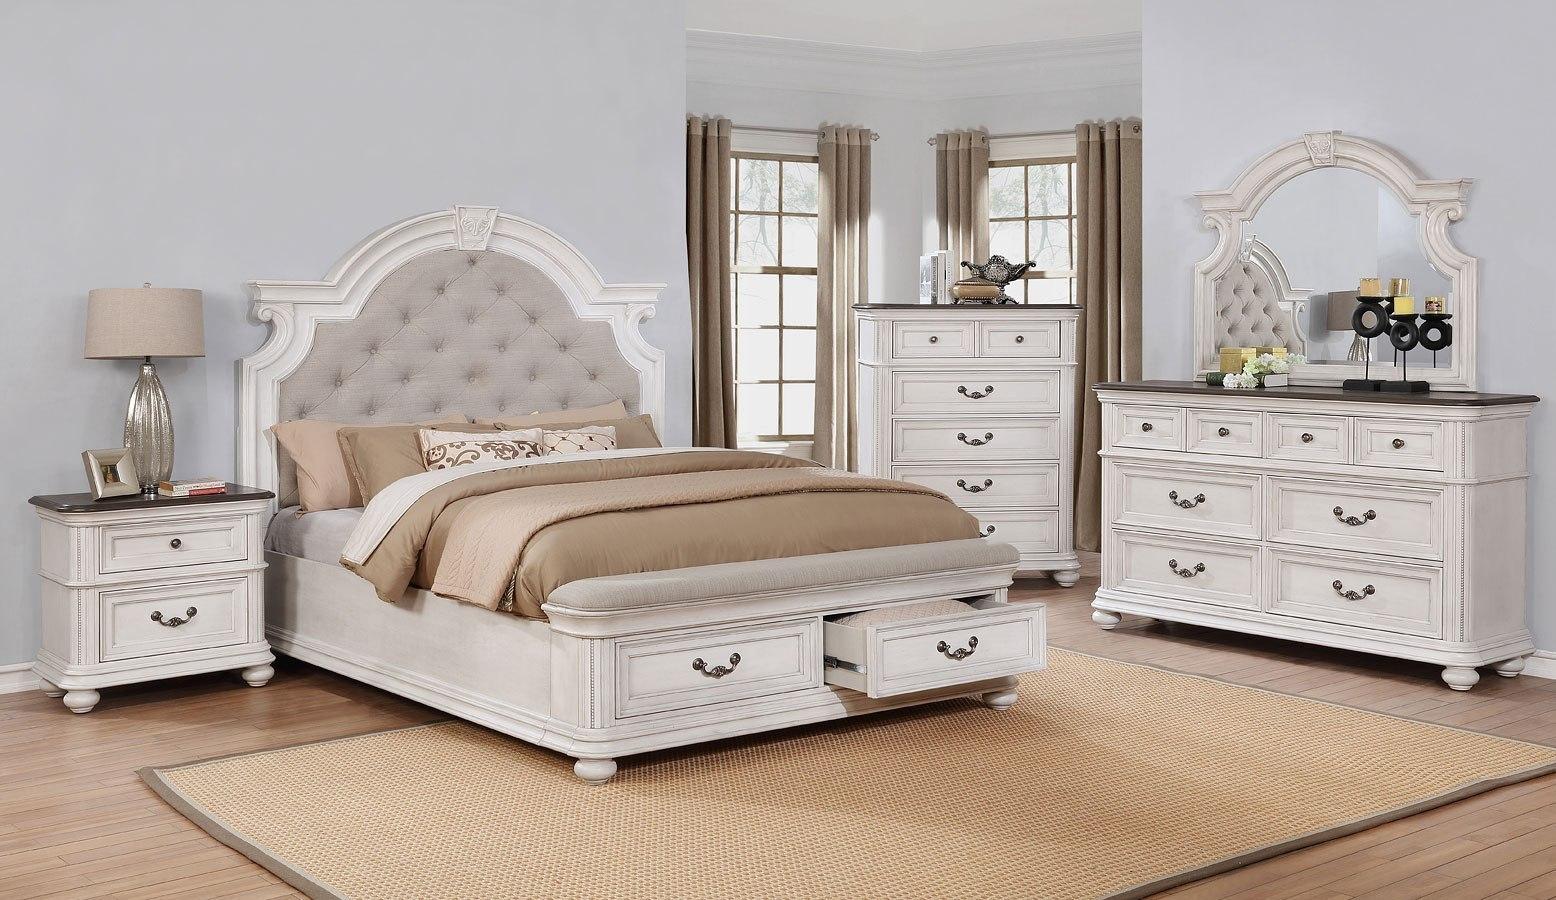 West Chester Storage Bedroom Set Avalon Furniture | Furniture Cart